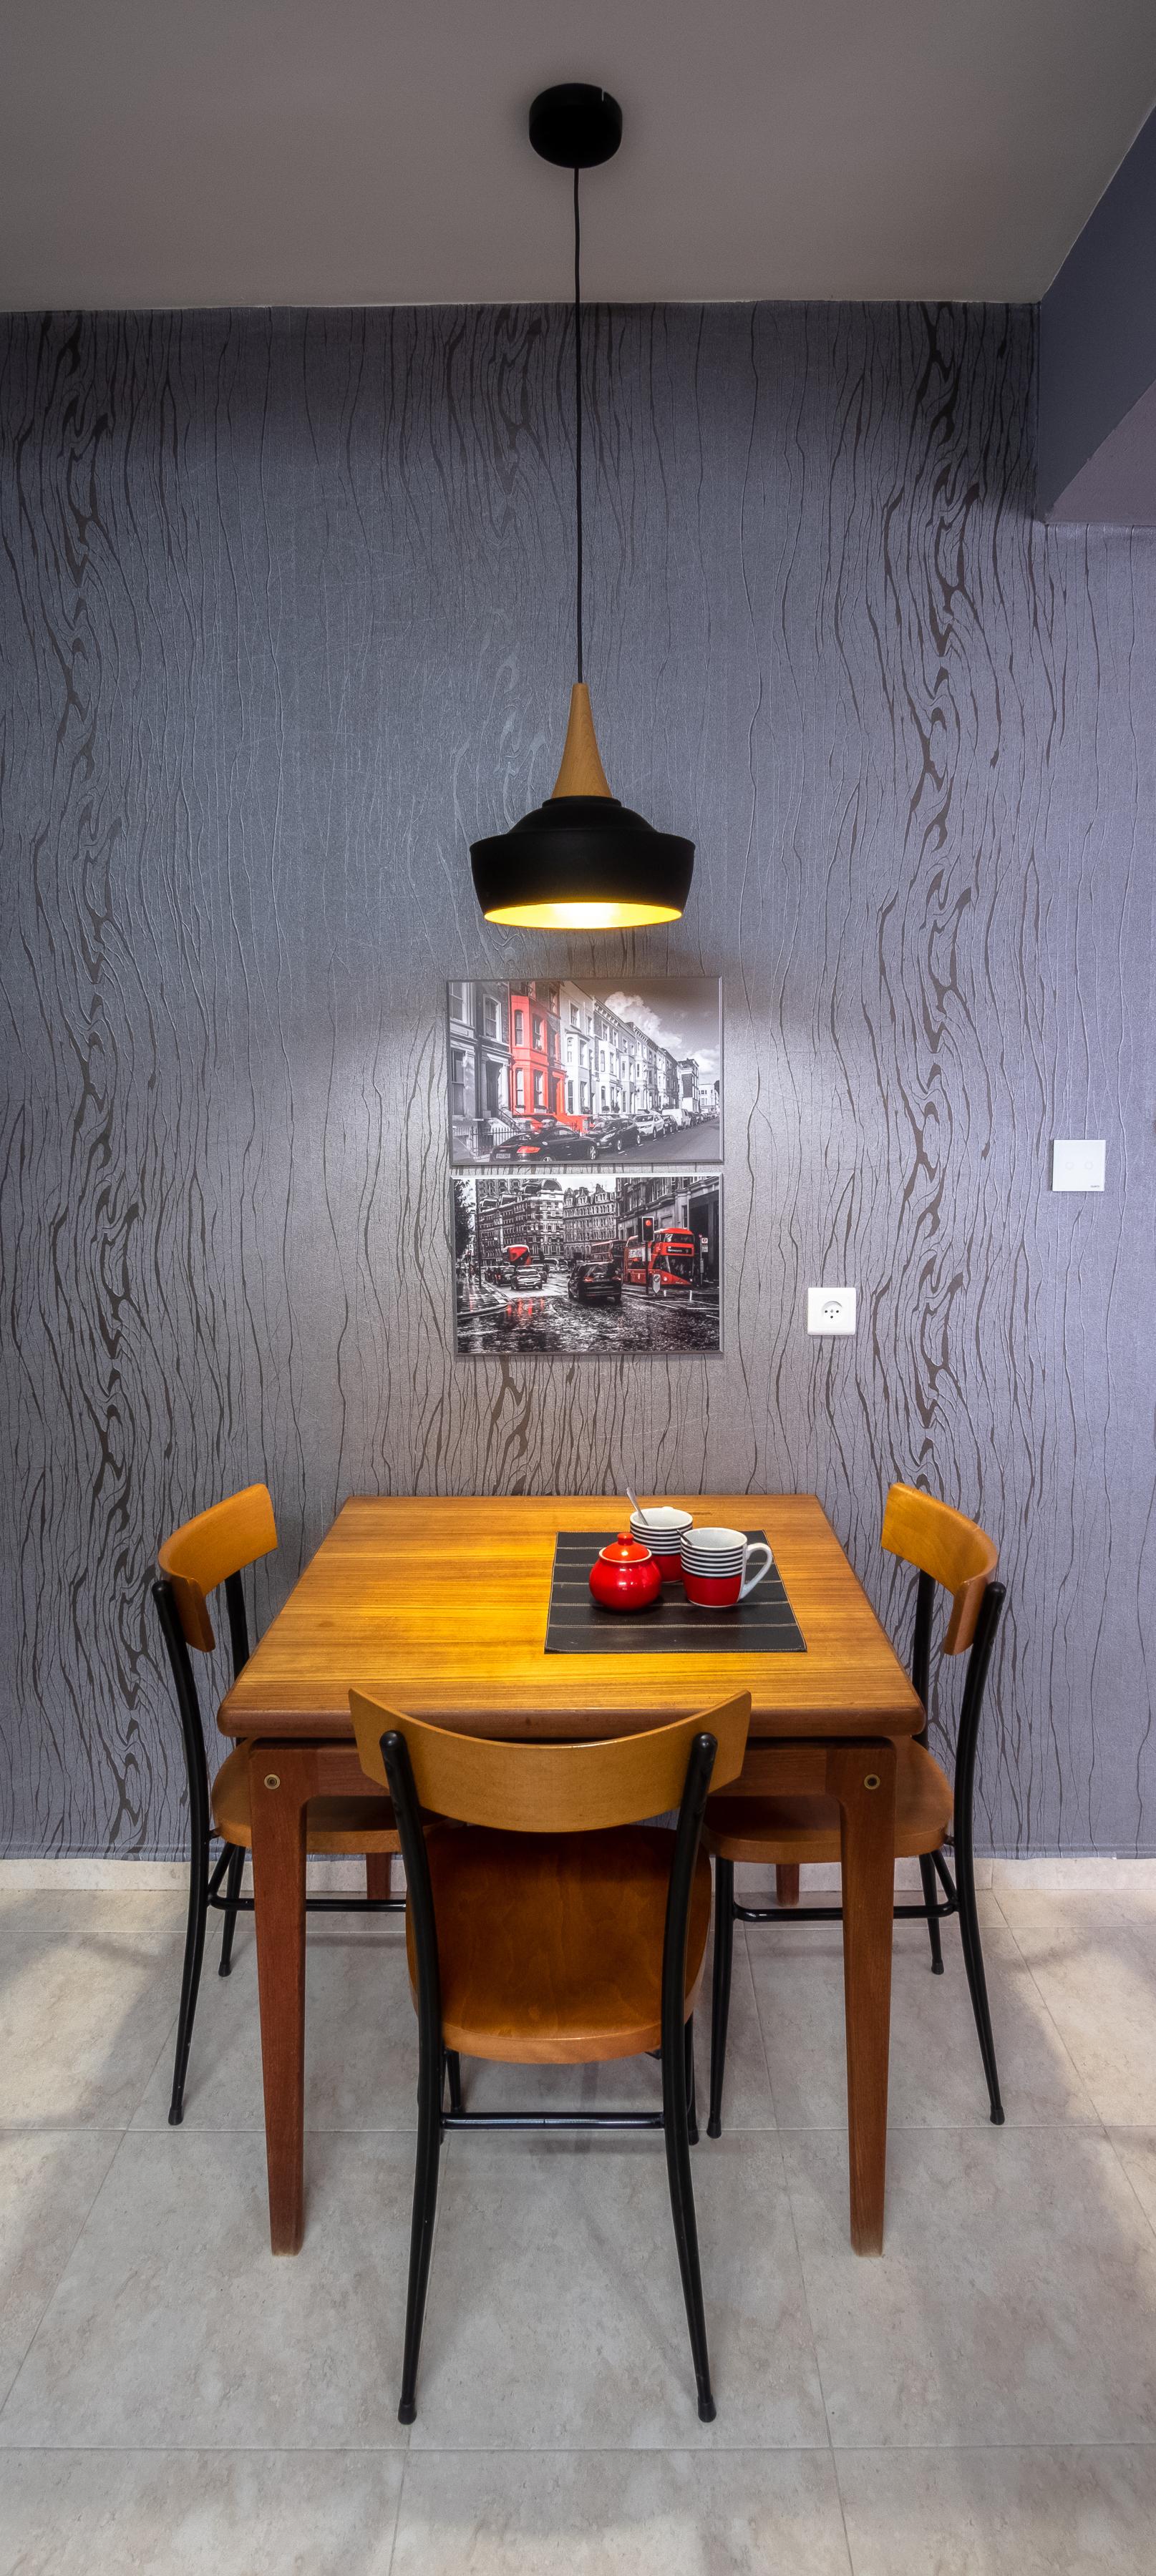 Kitchen wall design